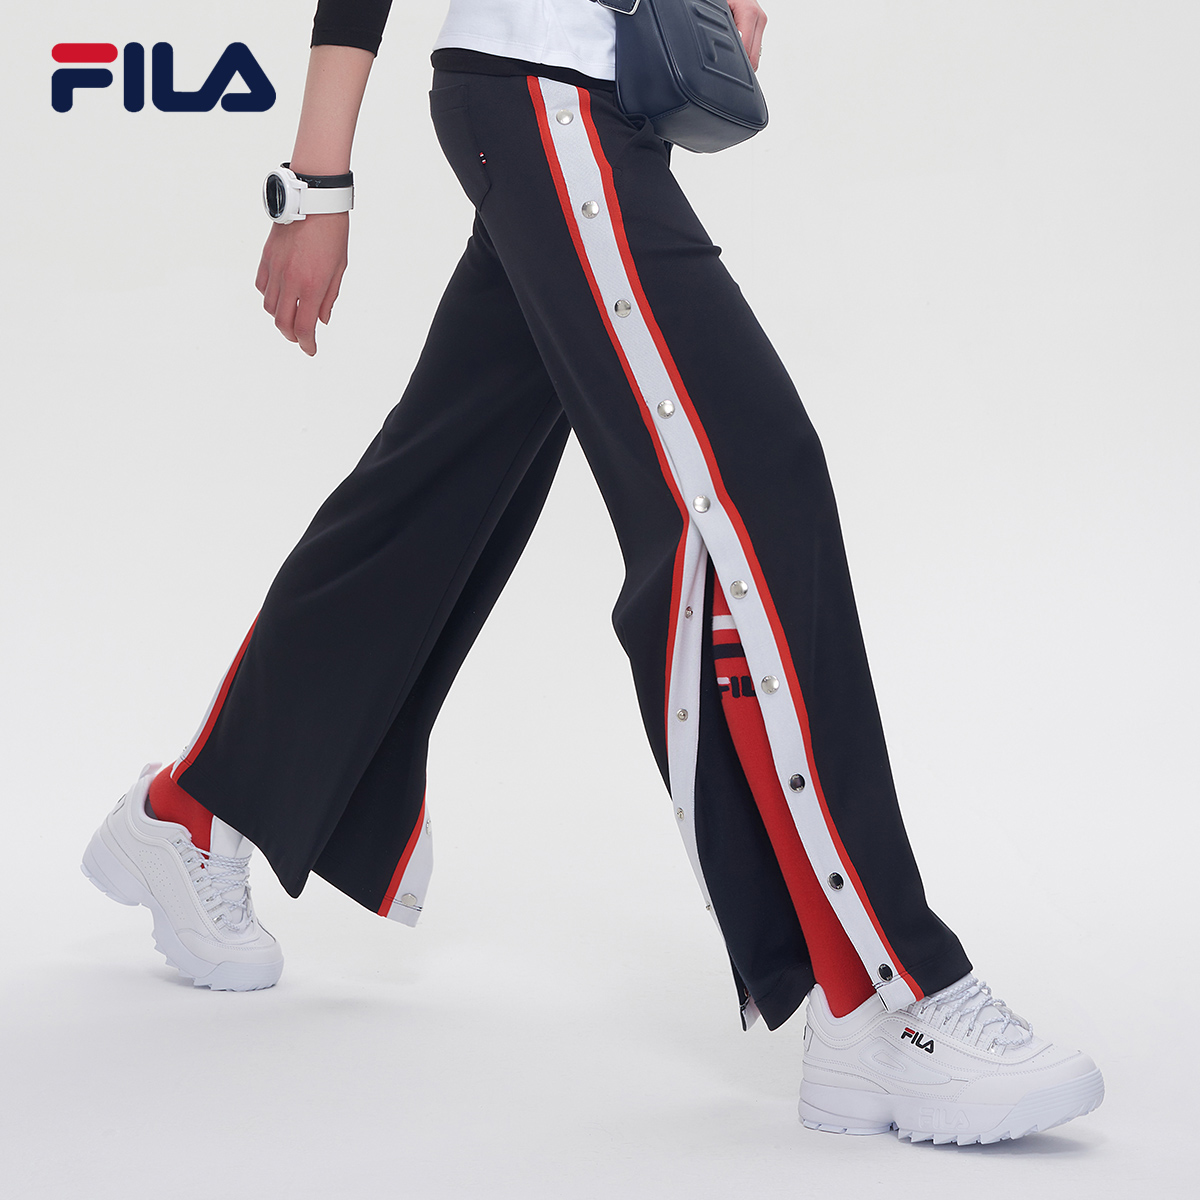 FILA斐乐女裤2018秋季新品运动休闲街头潮范侧边开衩宽松长裤女